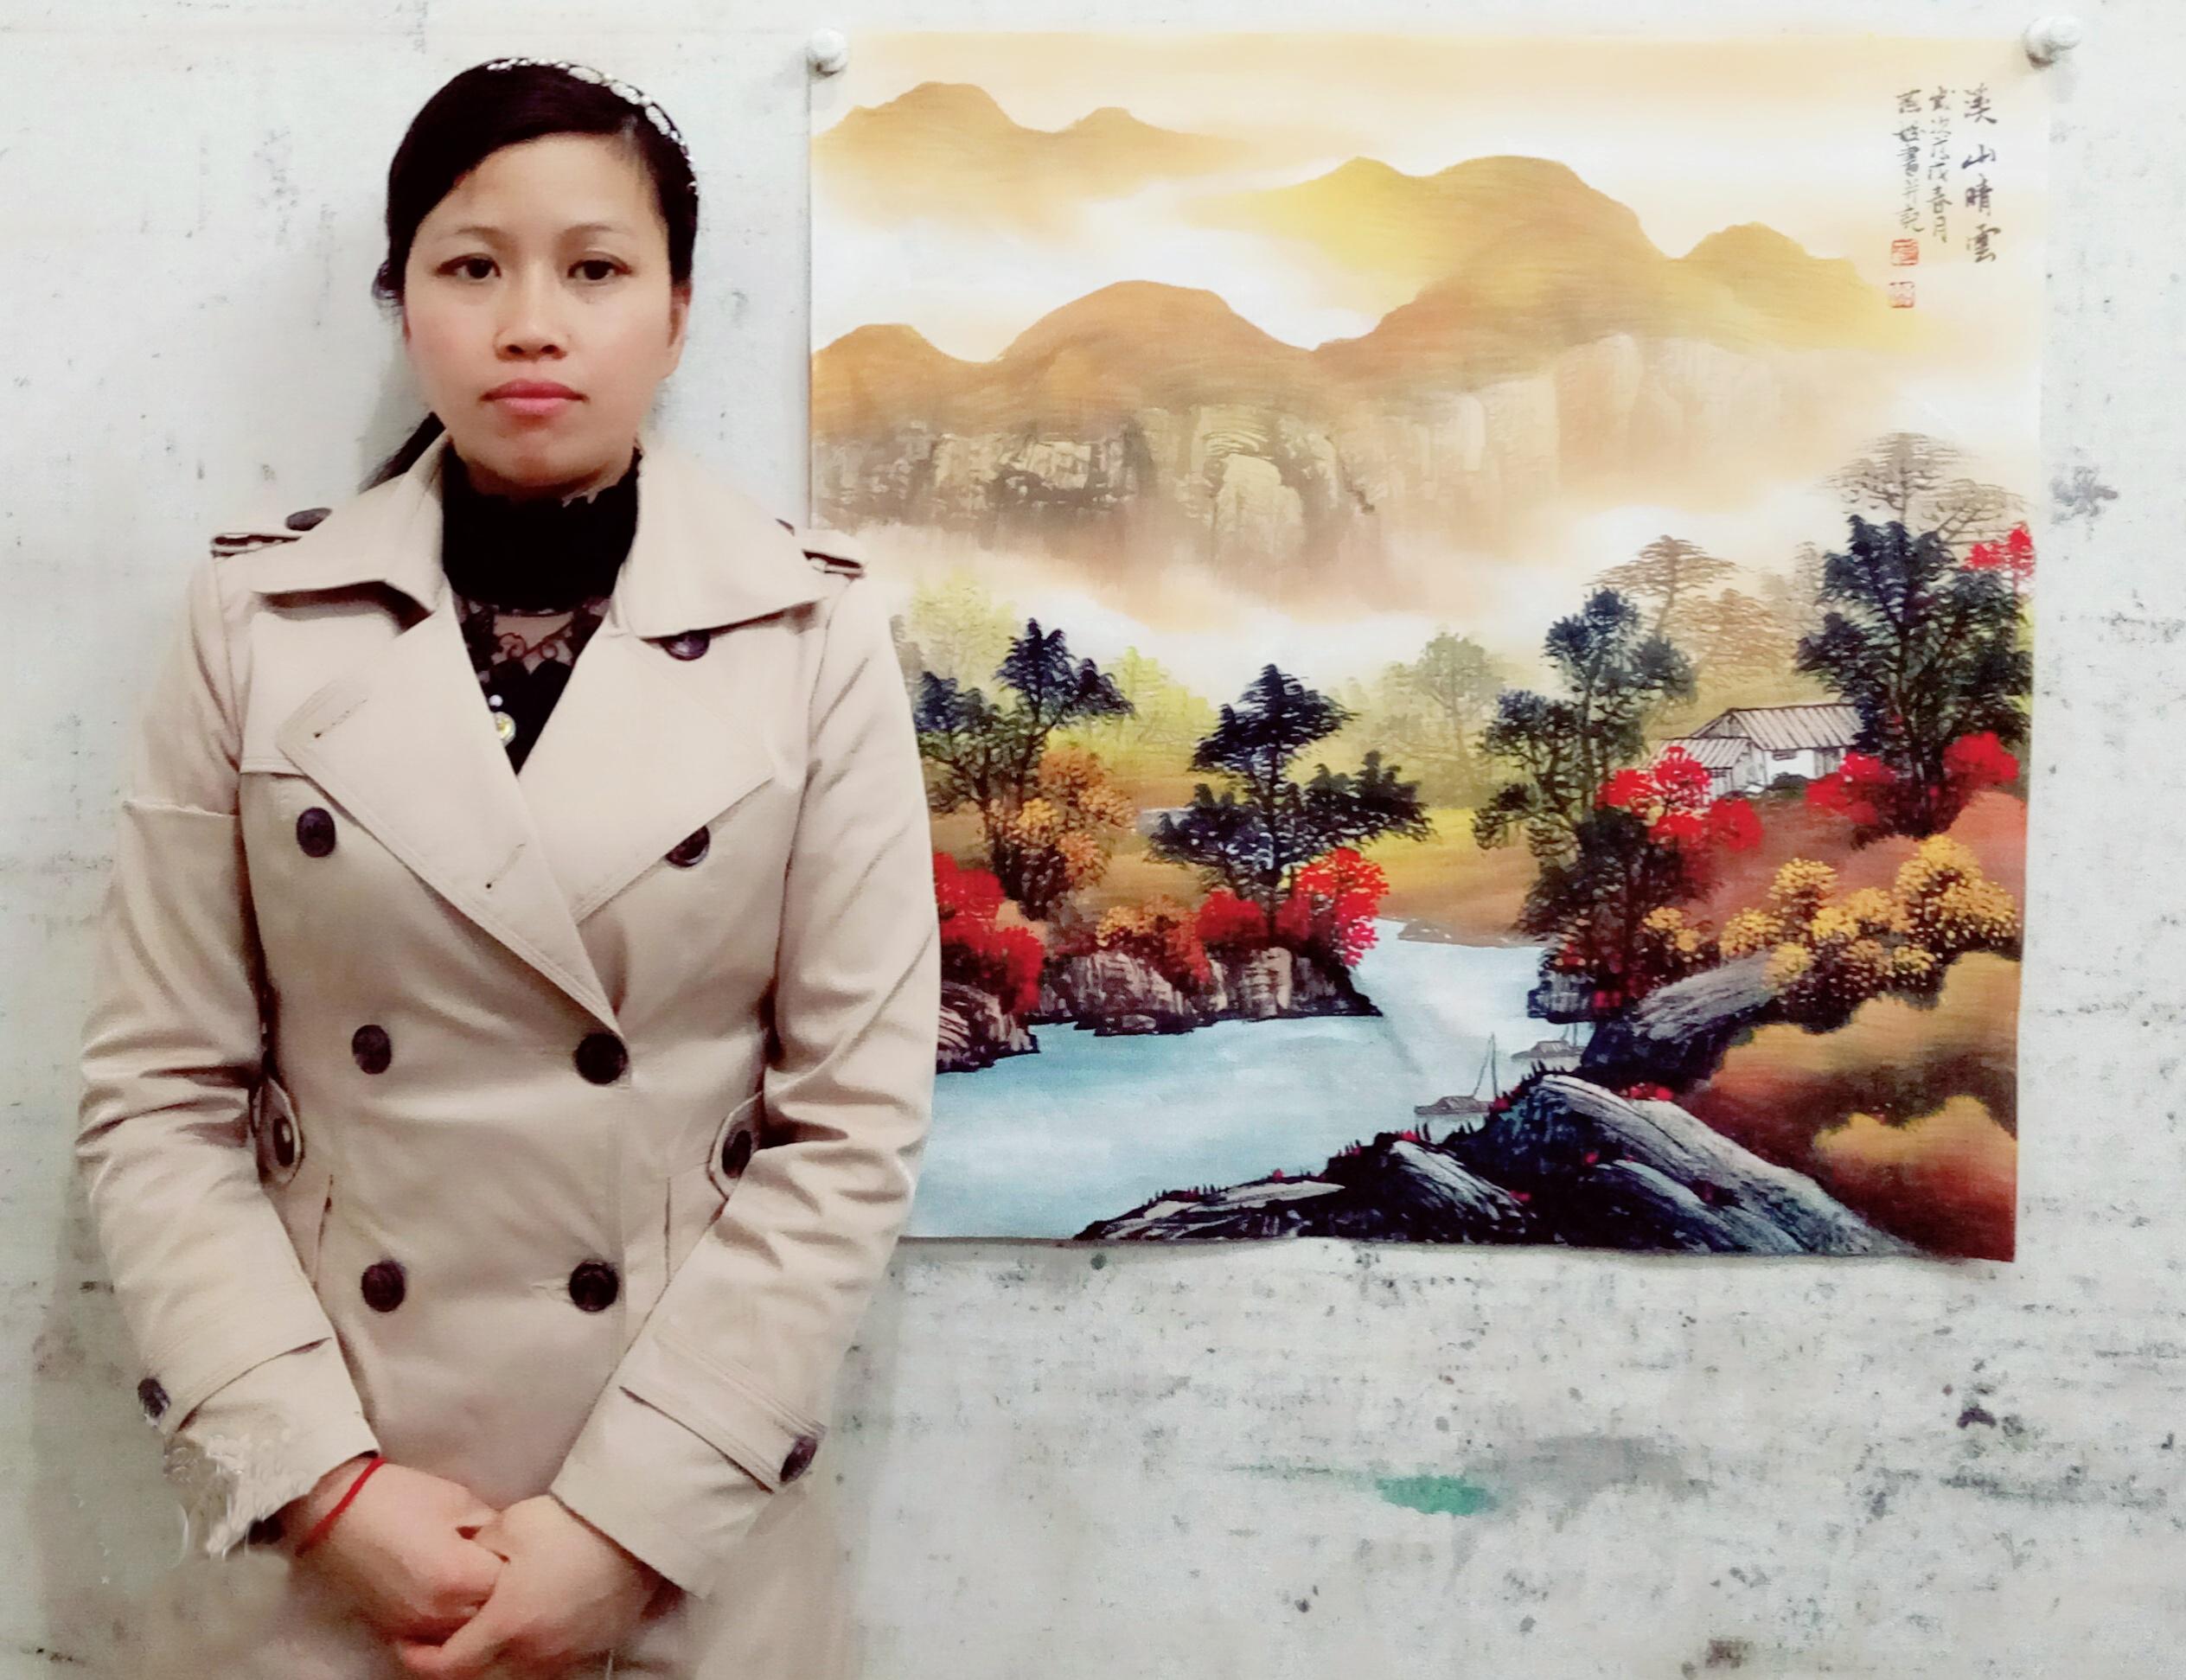 当代实力女画家刘燕姣的山水画,简洁素雅更具深刻内涵